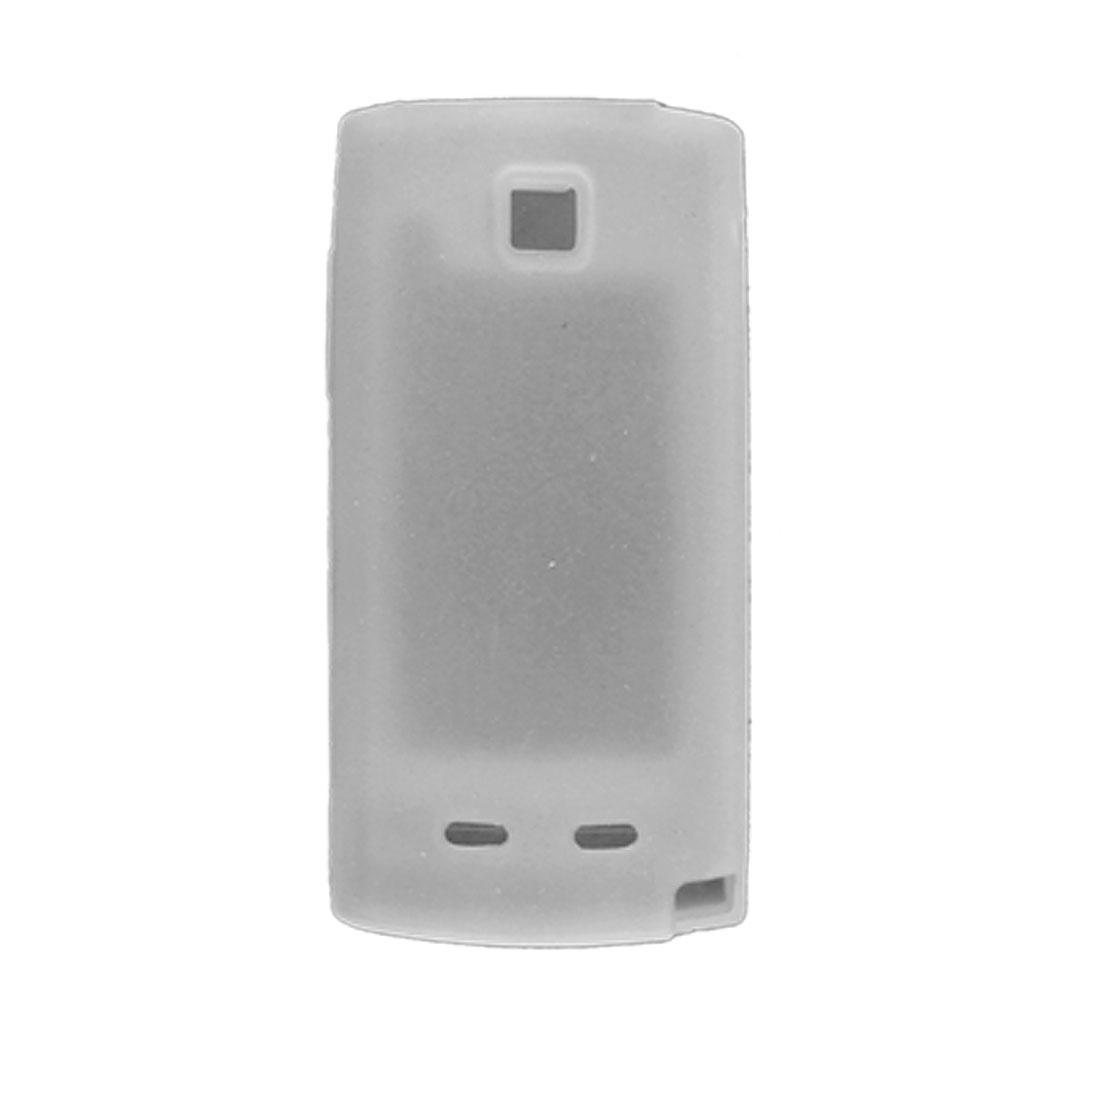 White Silicon Skin Case Shell for Nokia 5250